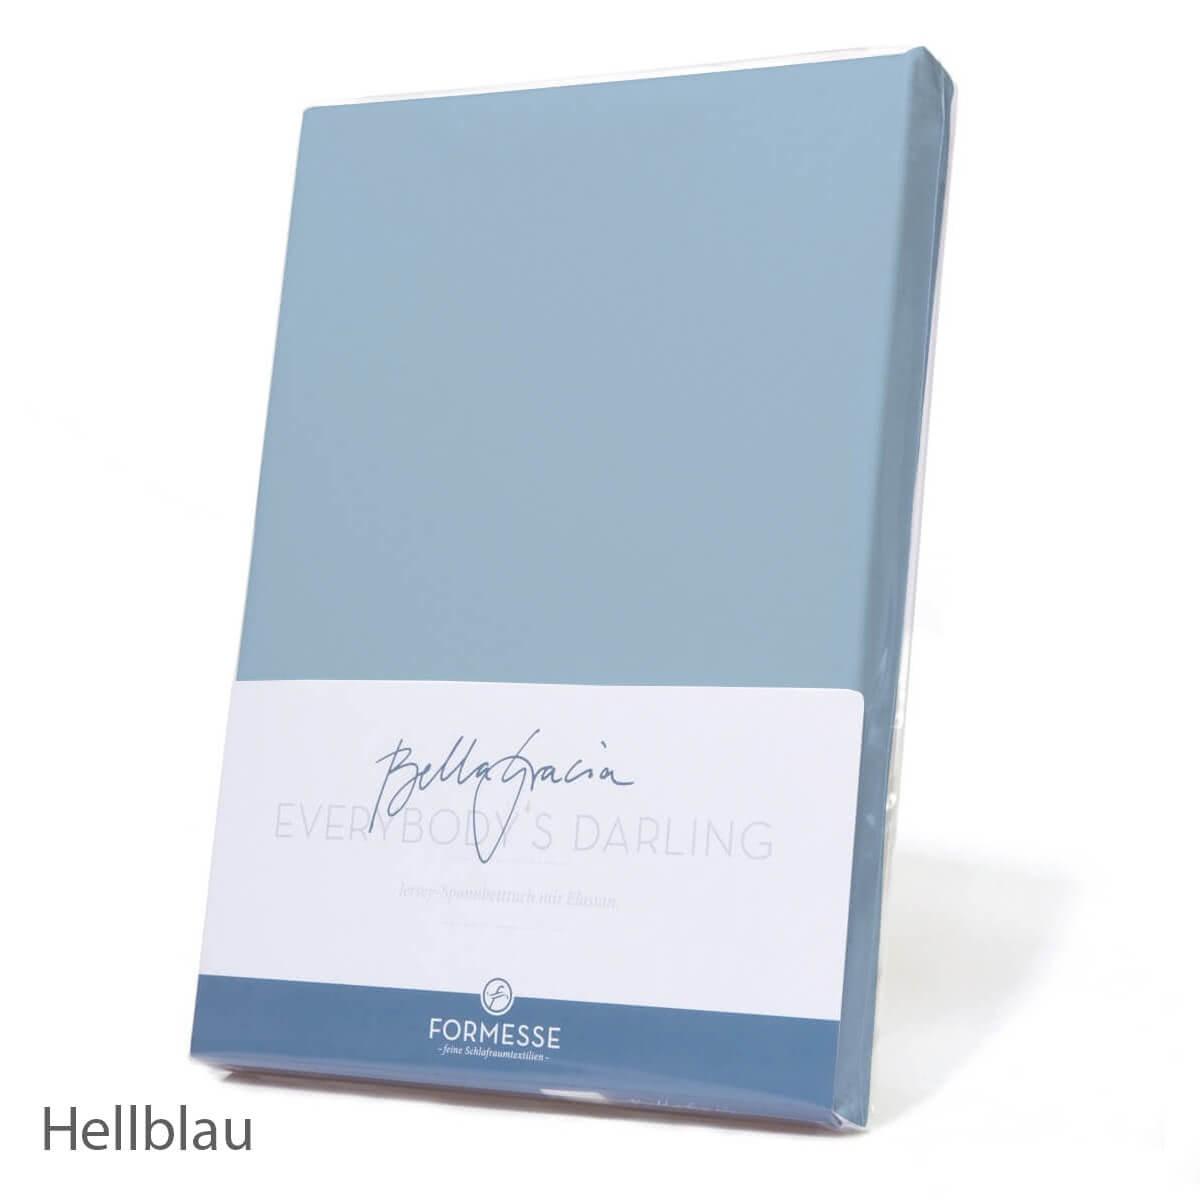 Formesse Bella Gracia Spannbetttuch - Hellblau